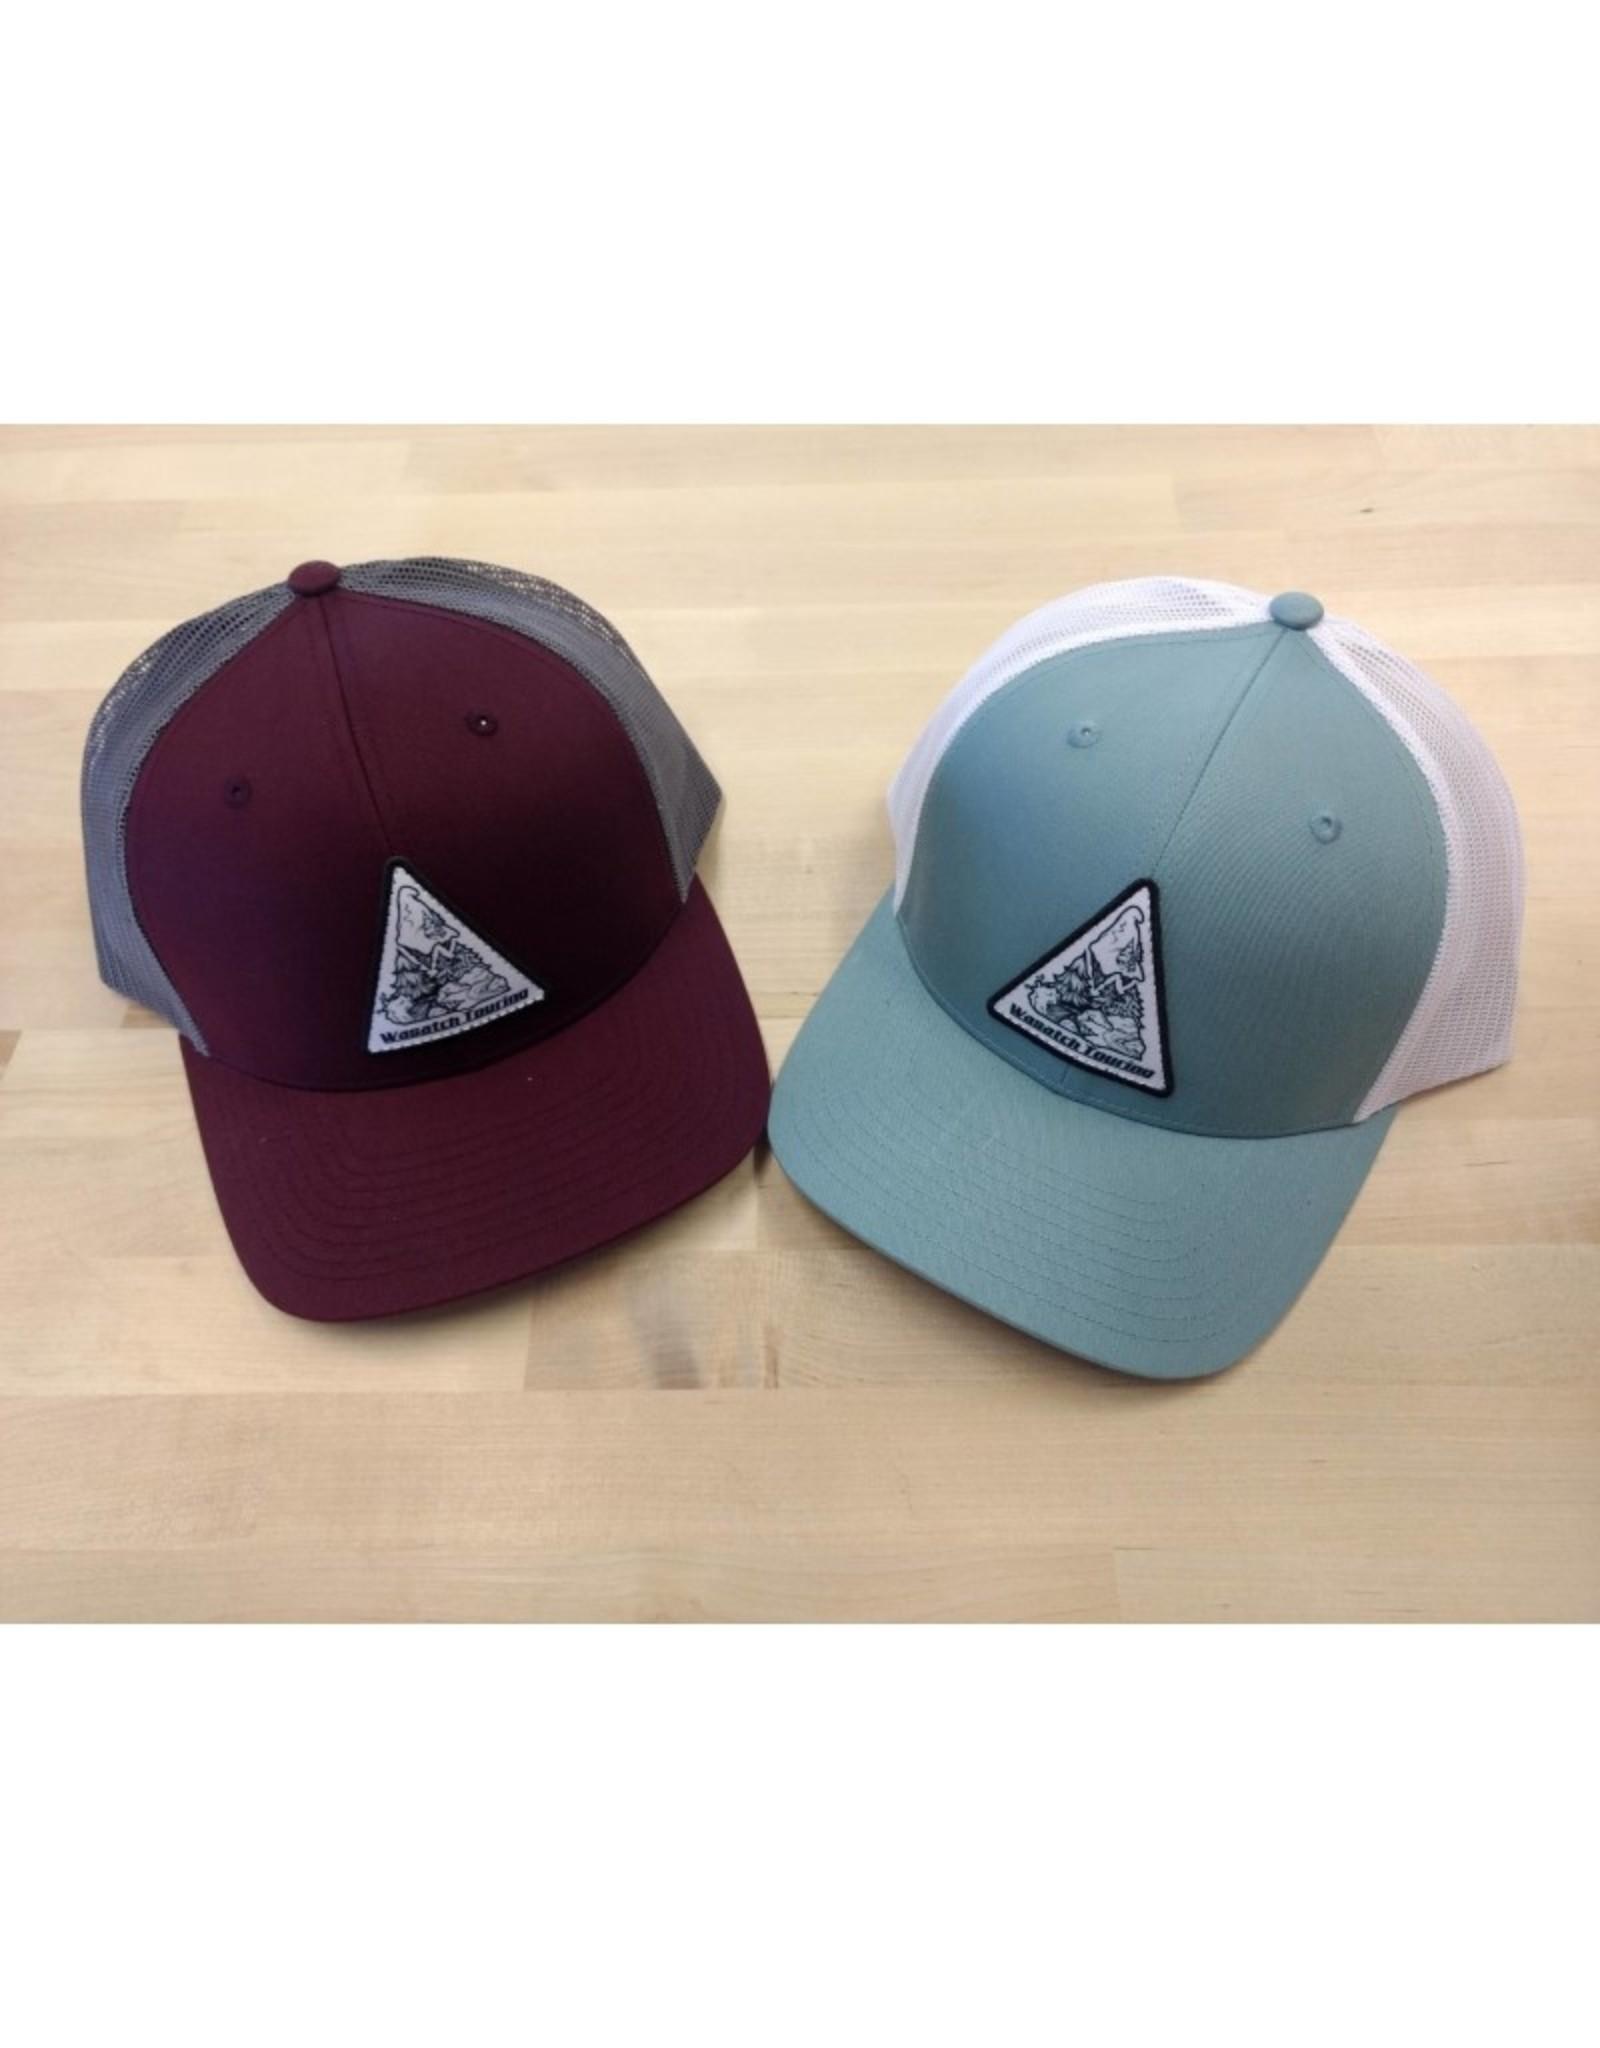 Capteur Hats Wasatch Mountainscape Trucker Hat